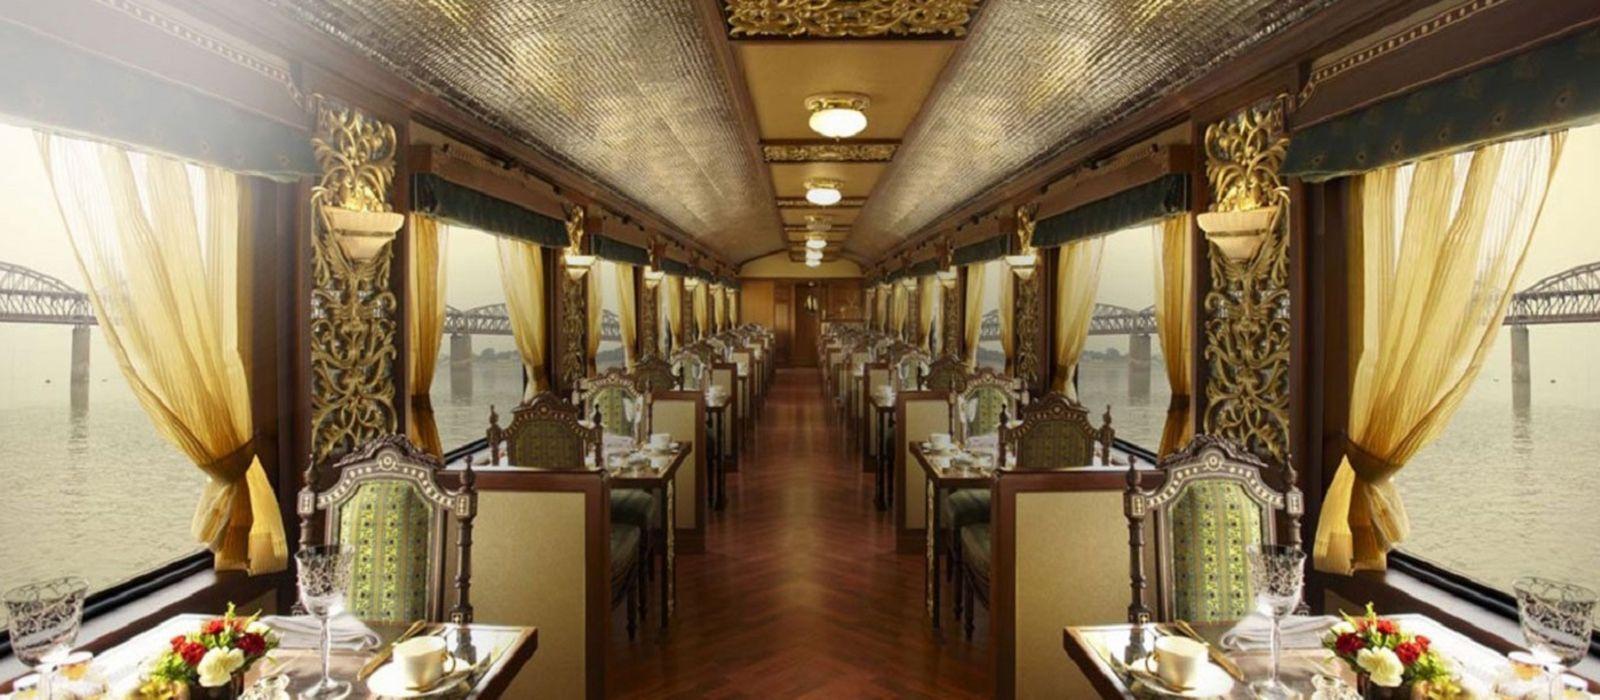 Hotel Maharajas Express – The Treasures of India (3 nights) North India